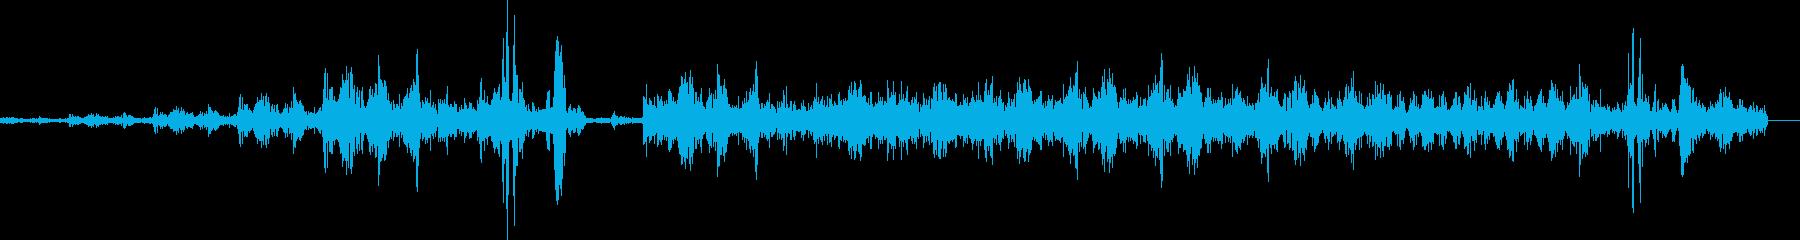 高速デジタルデータ転送4の再生済みの波形